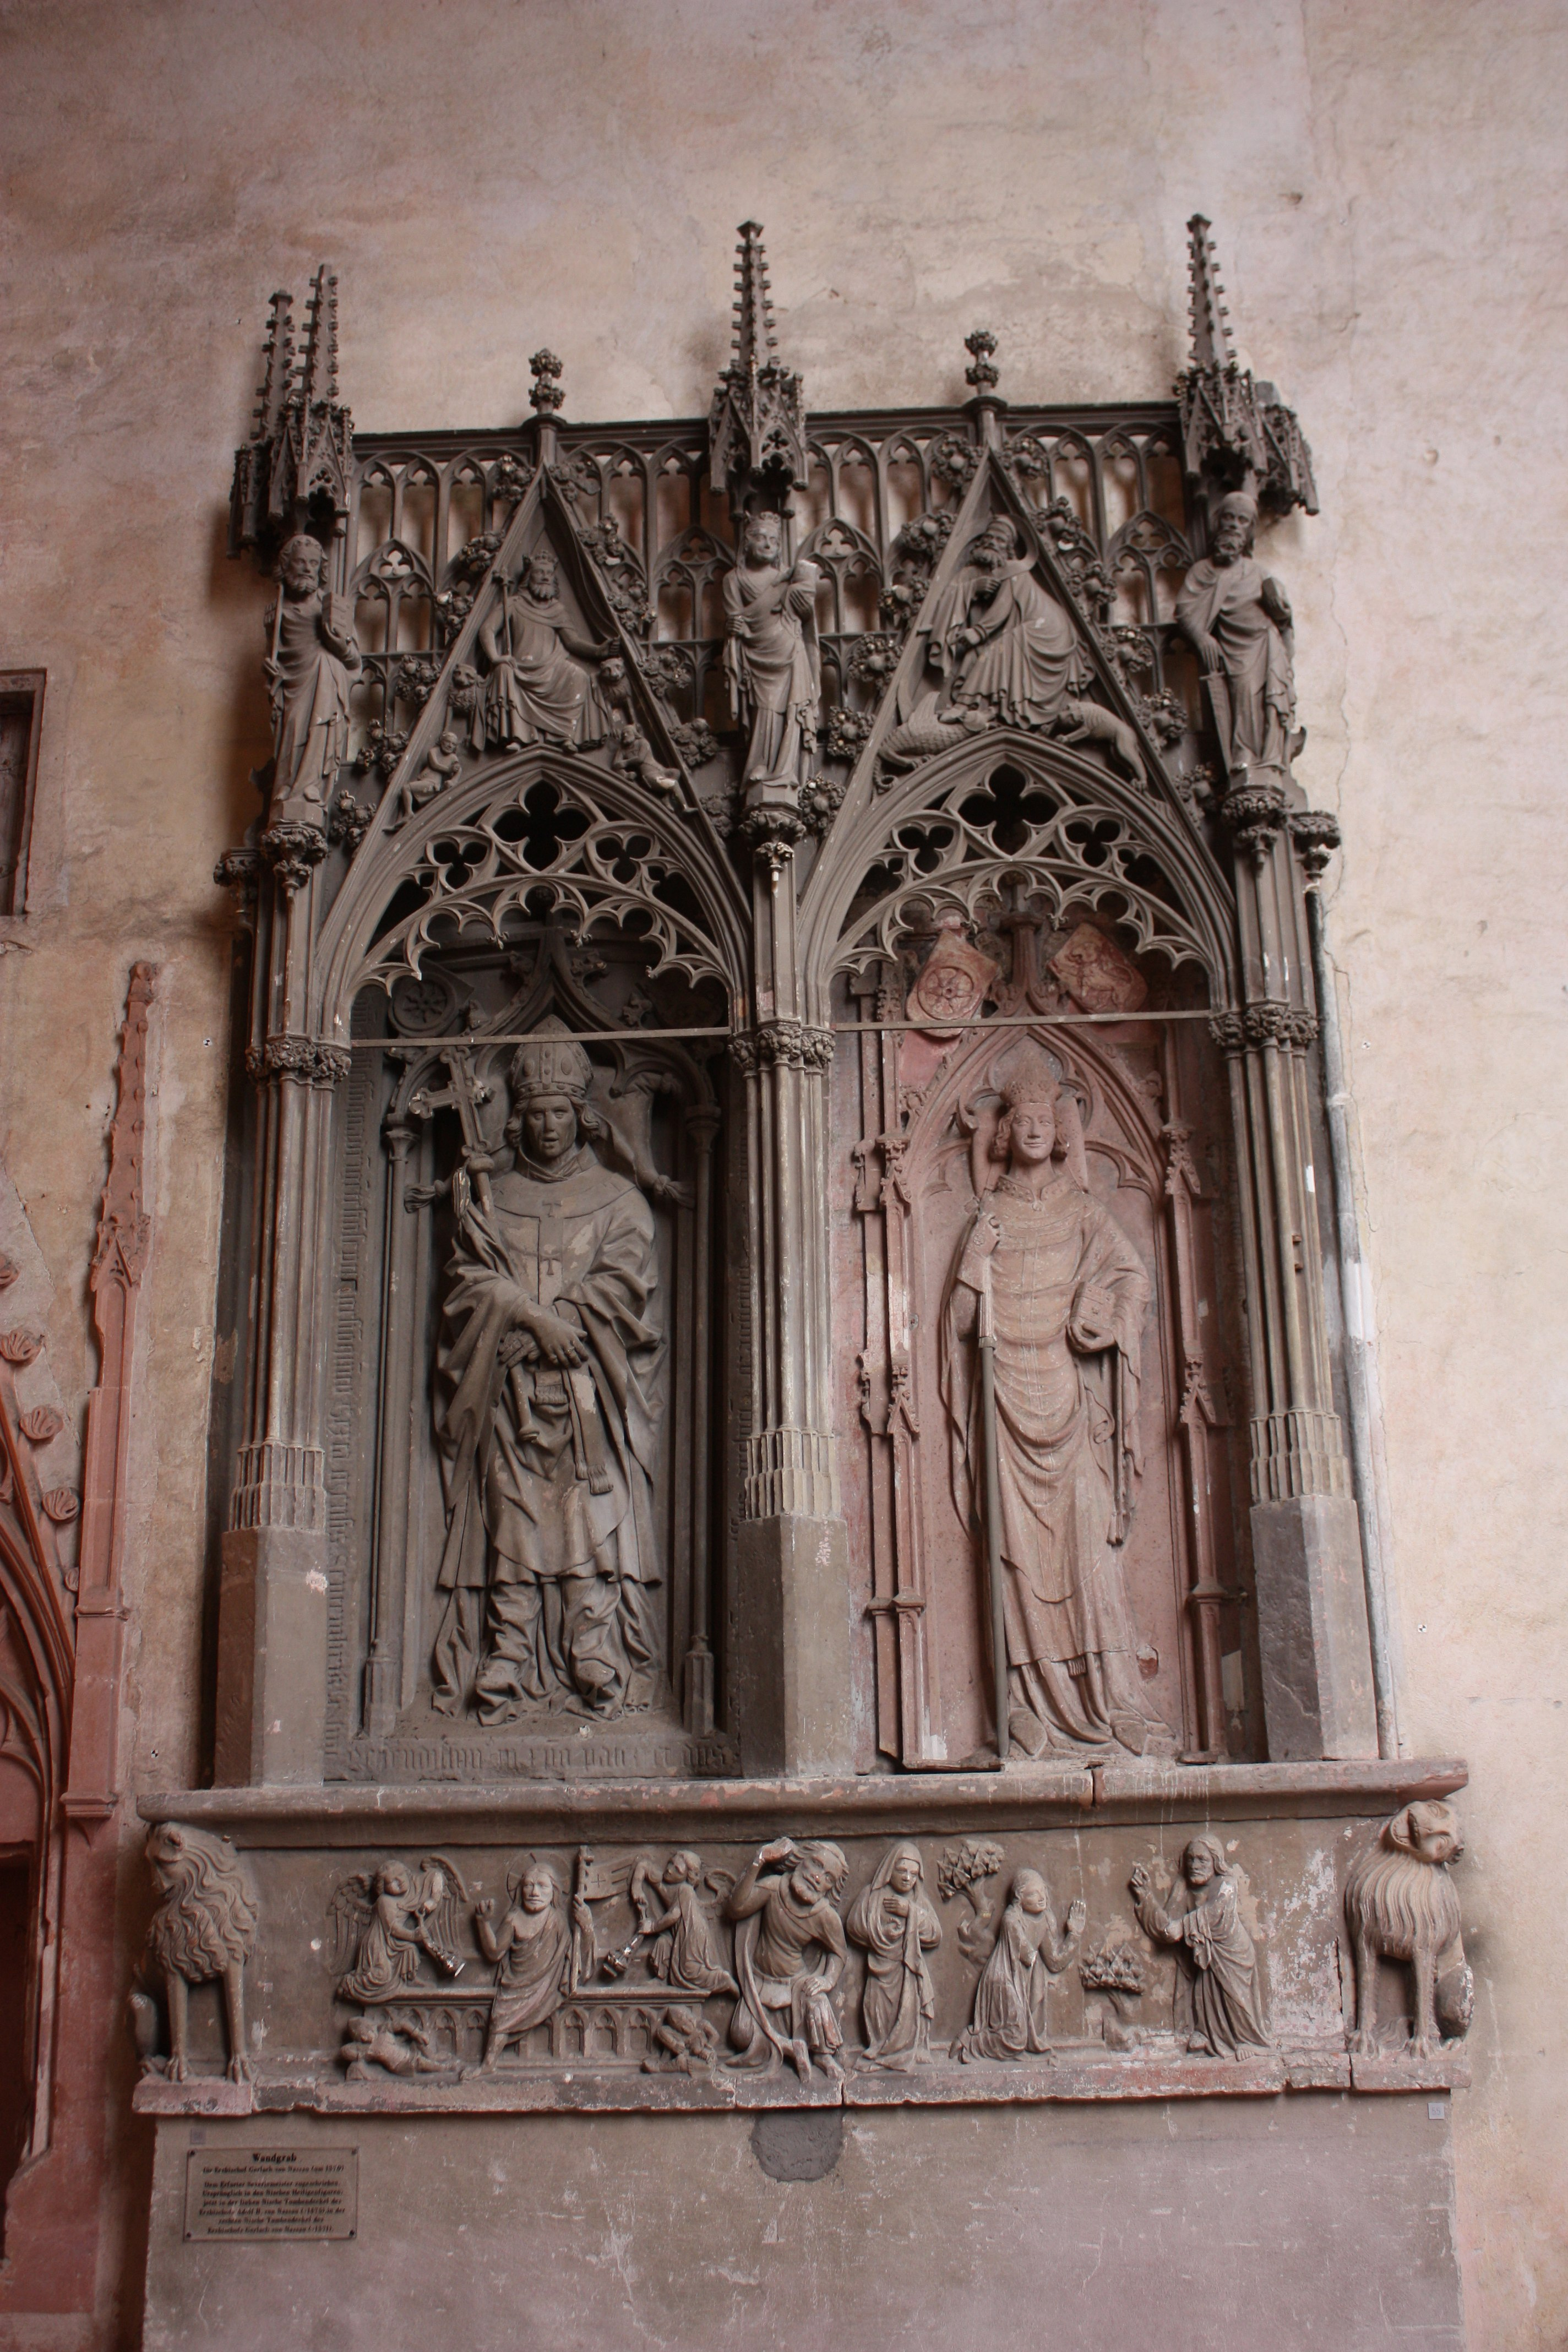 Gerlach Immobilien file kloster eberbach basilika grabplatte 55 gerlach adolf nassau